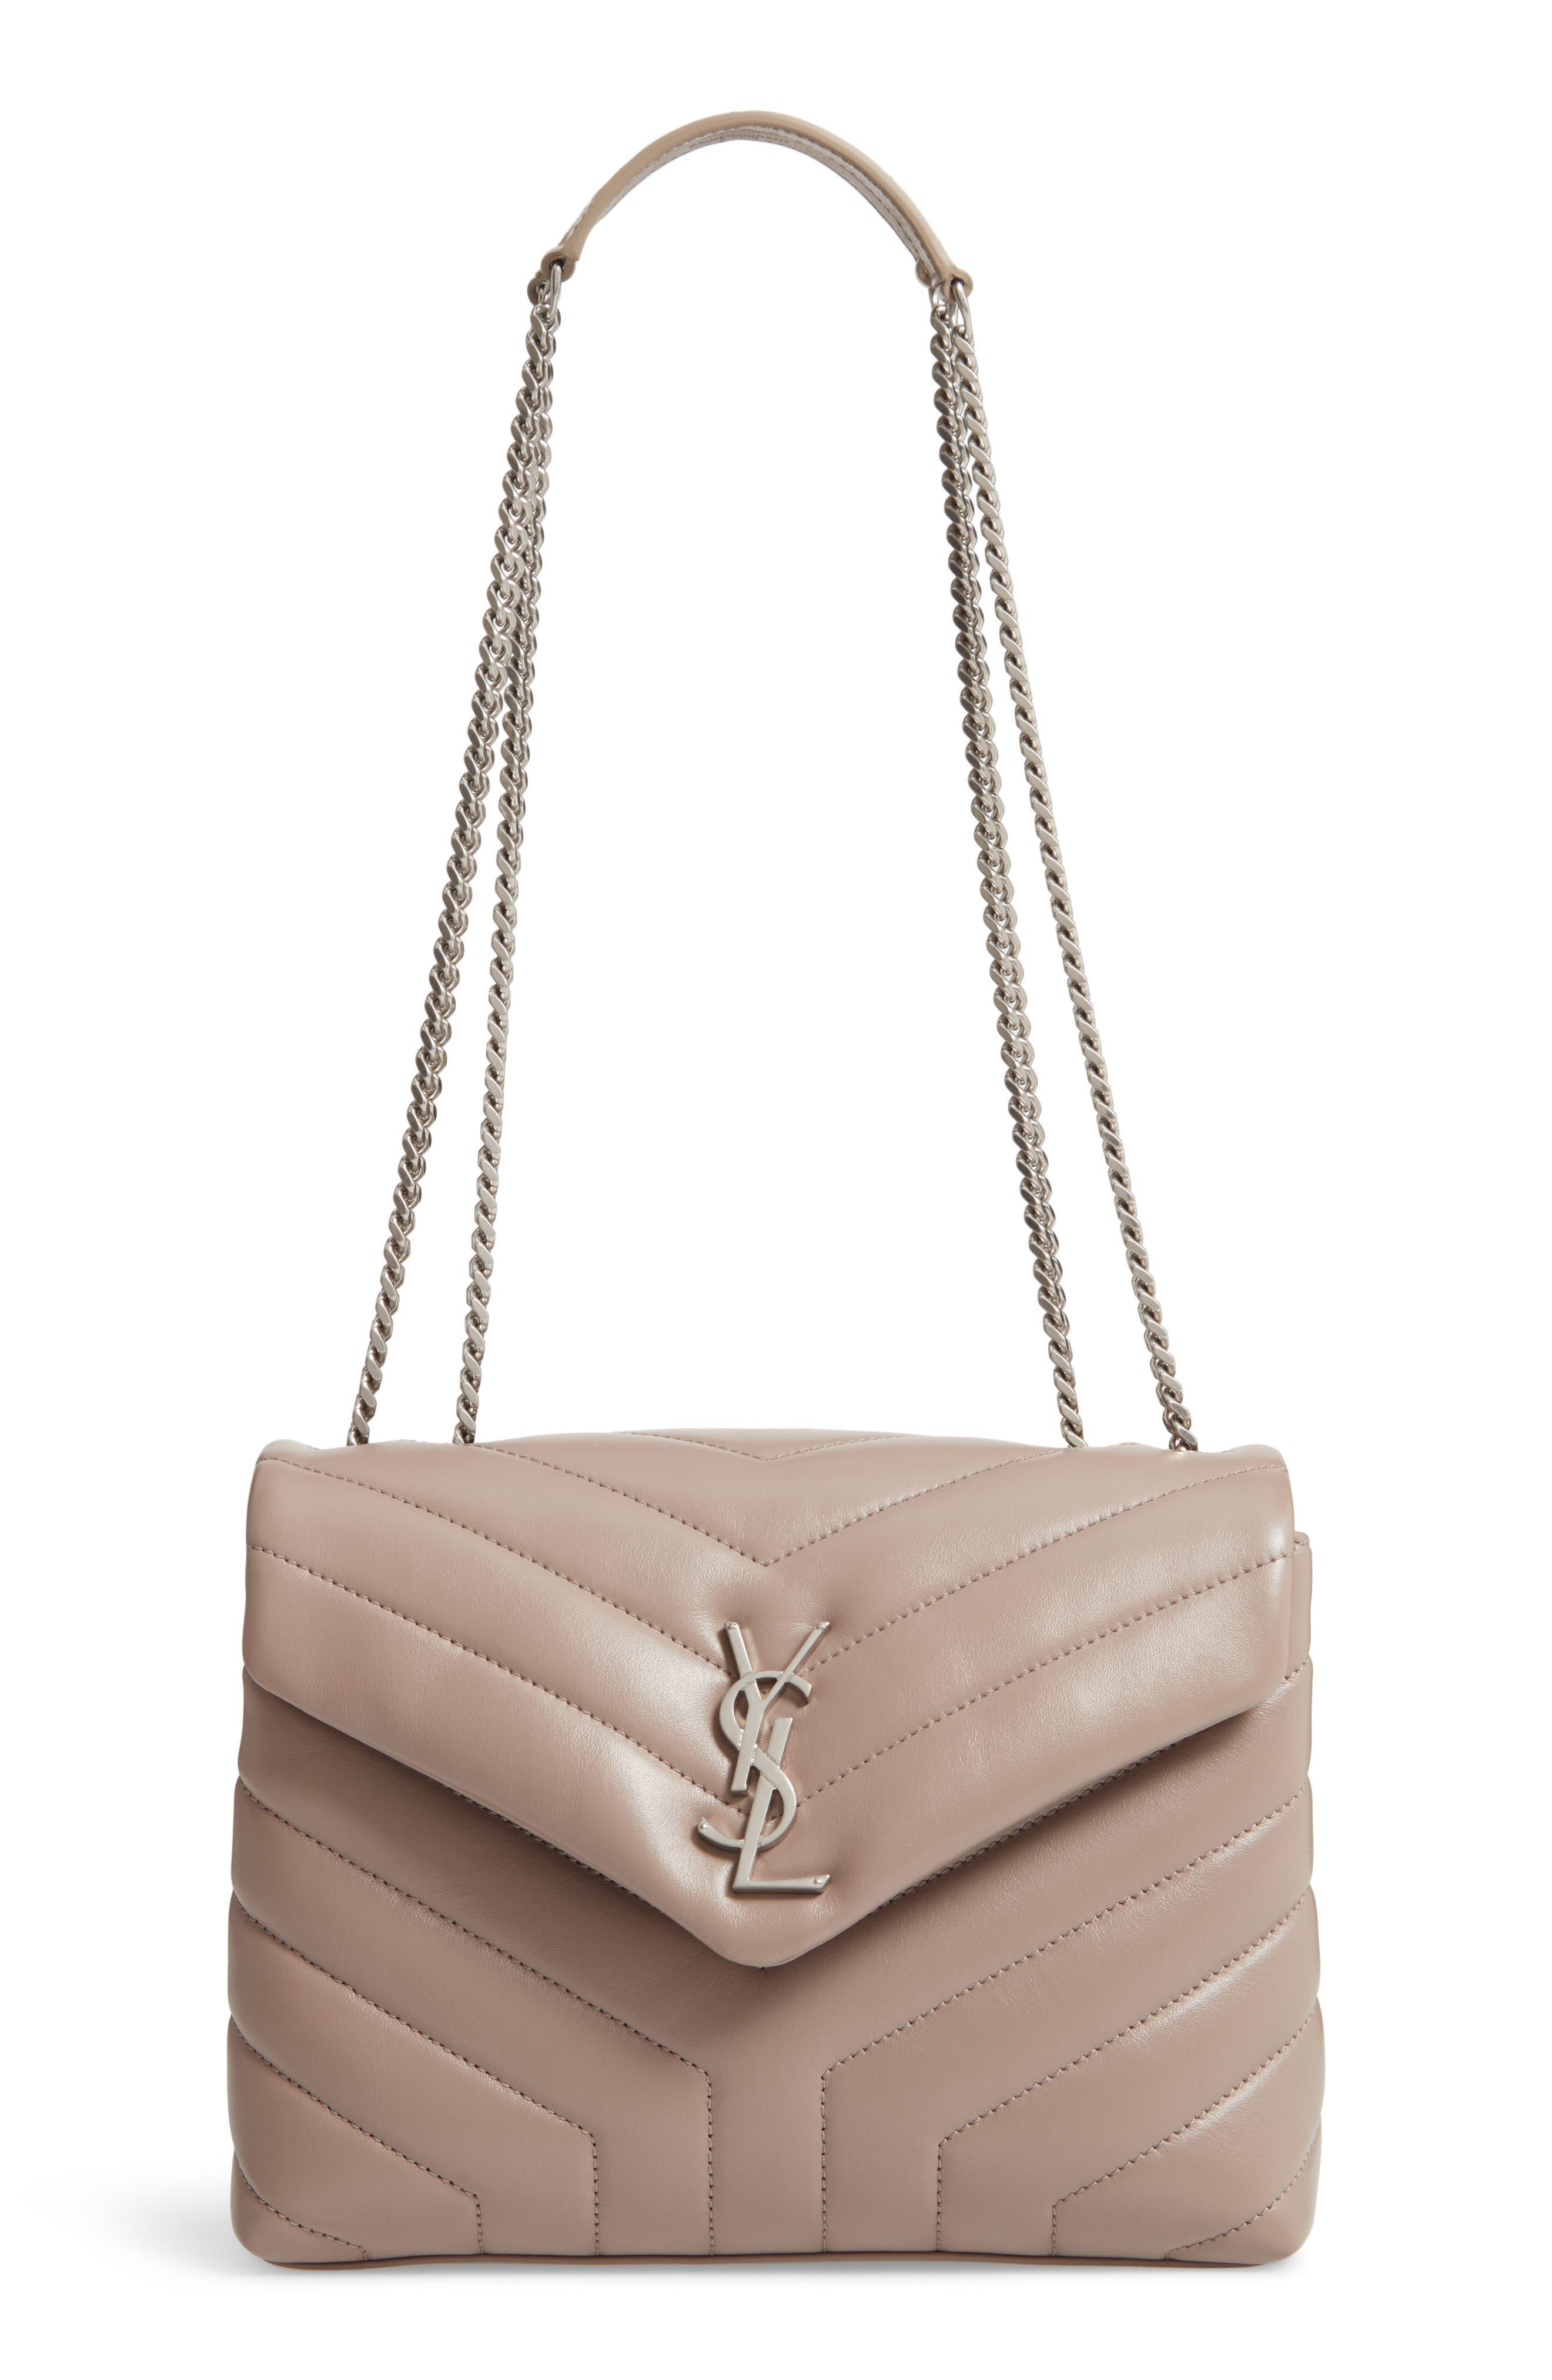 Small Loulou Matelassé Leather Shoulder Bag,                             Main thumbnail 1, color,                             TAUPE SABLE